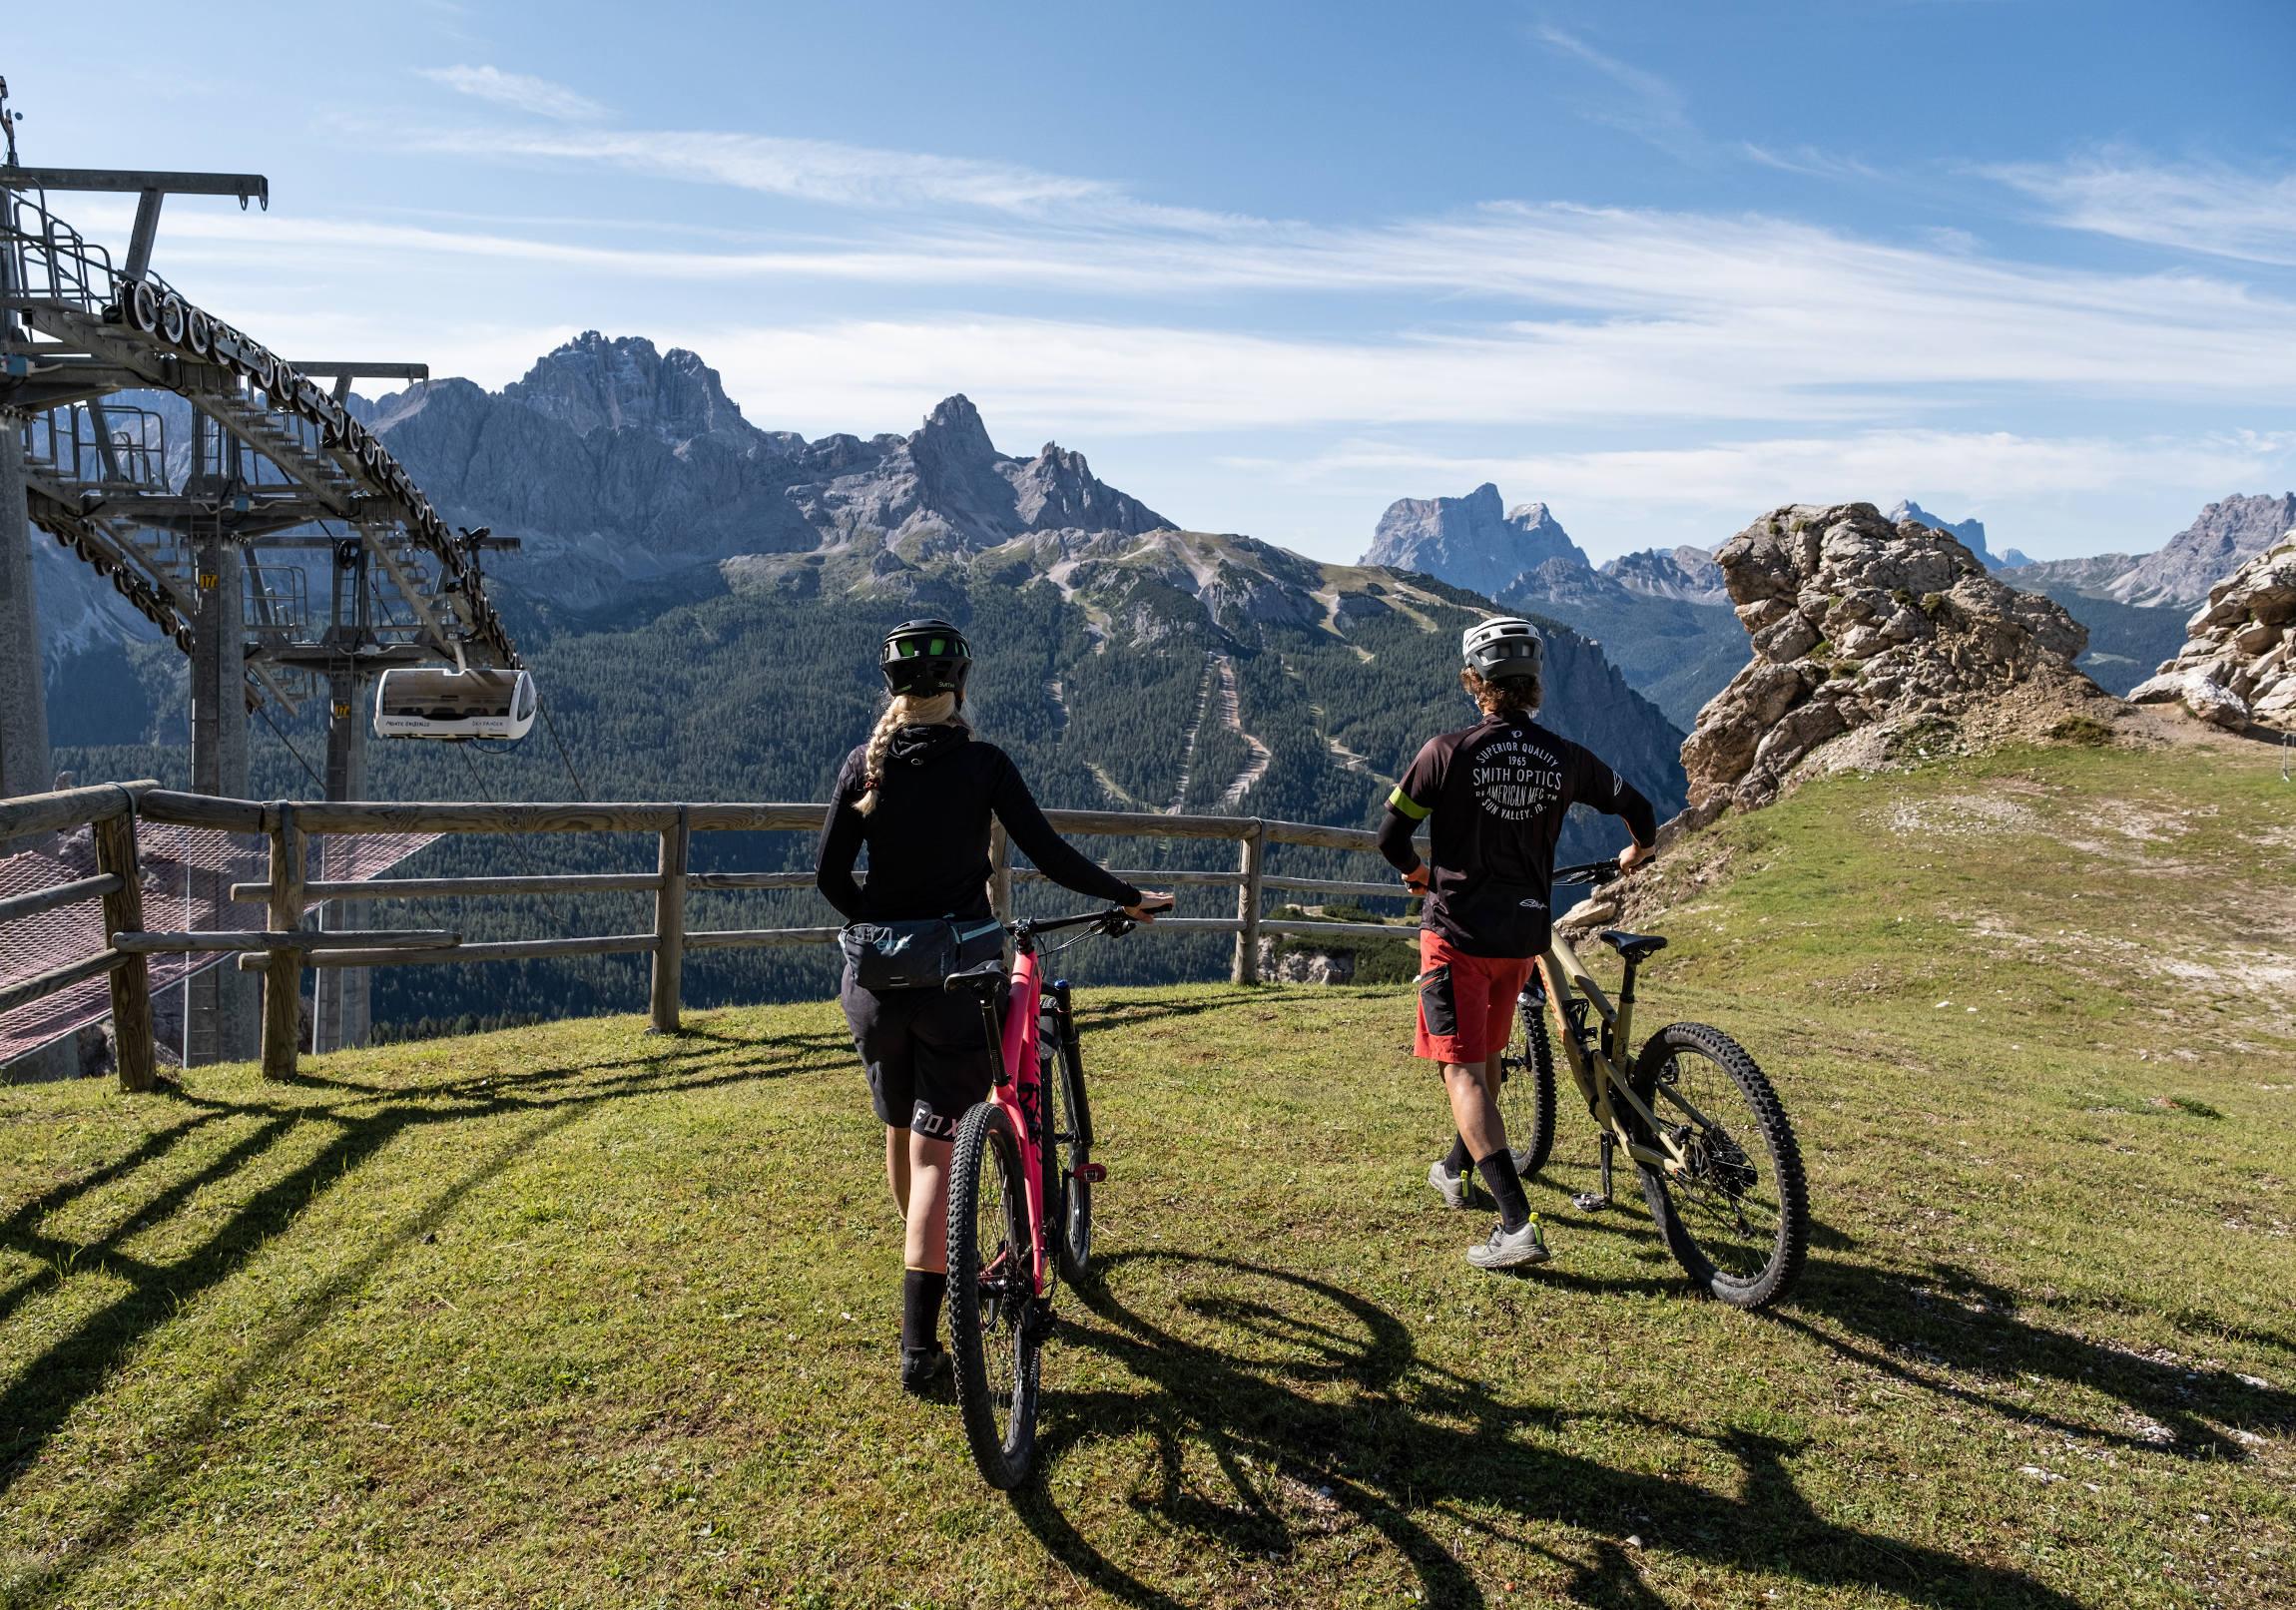 Dolomiti Bike Galaxy: l'avventura in mountain bike dell'estate a Cortina - CristalloFranzPeriniEdit-4814